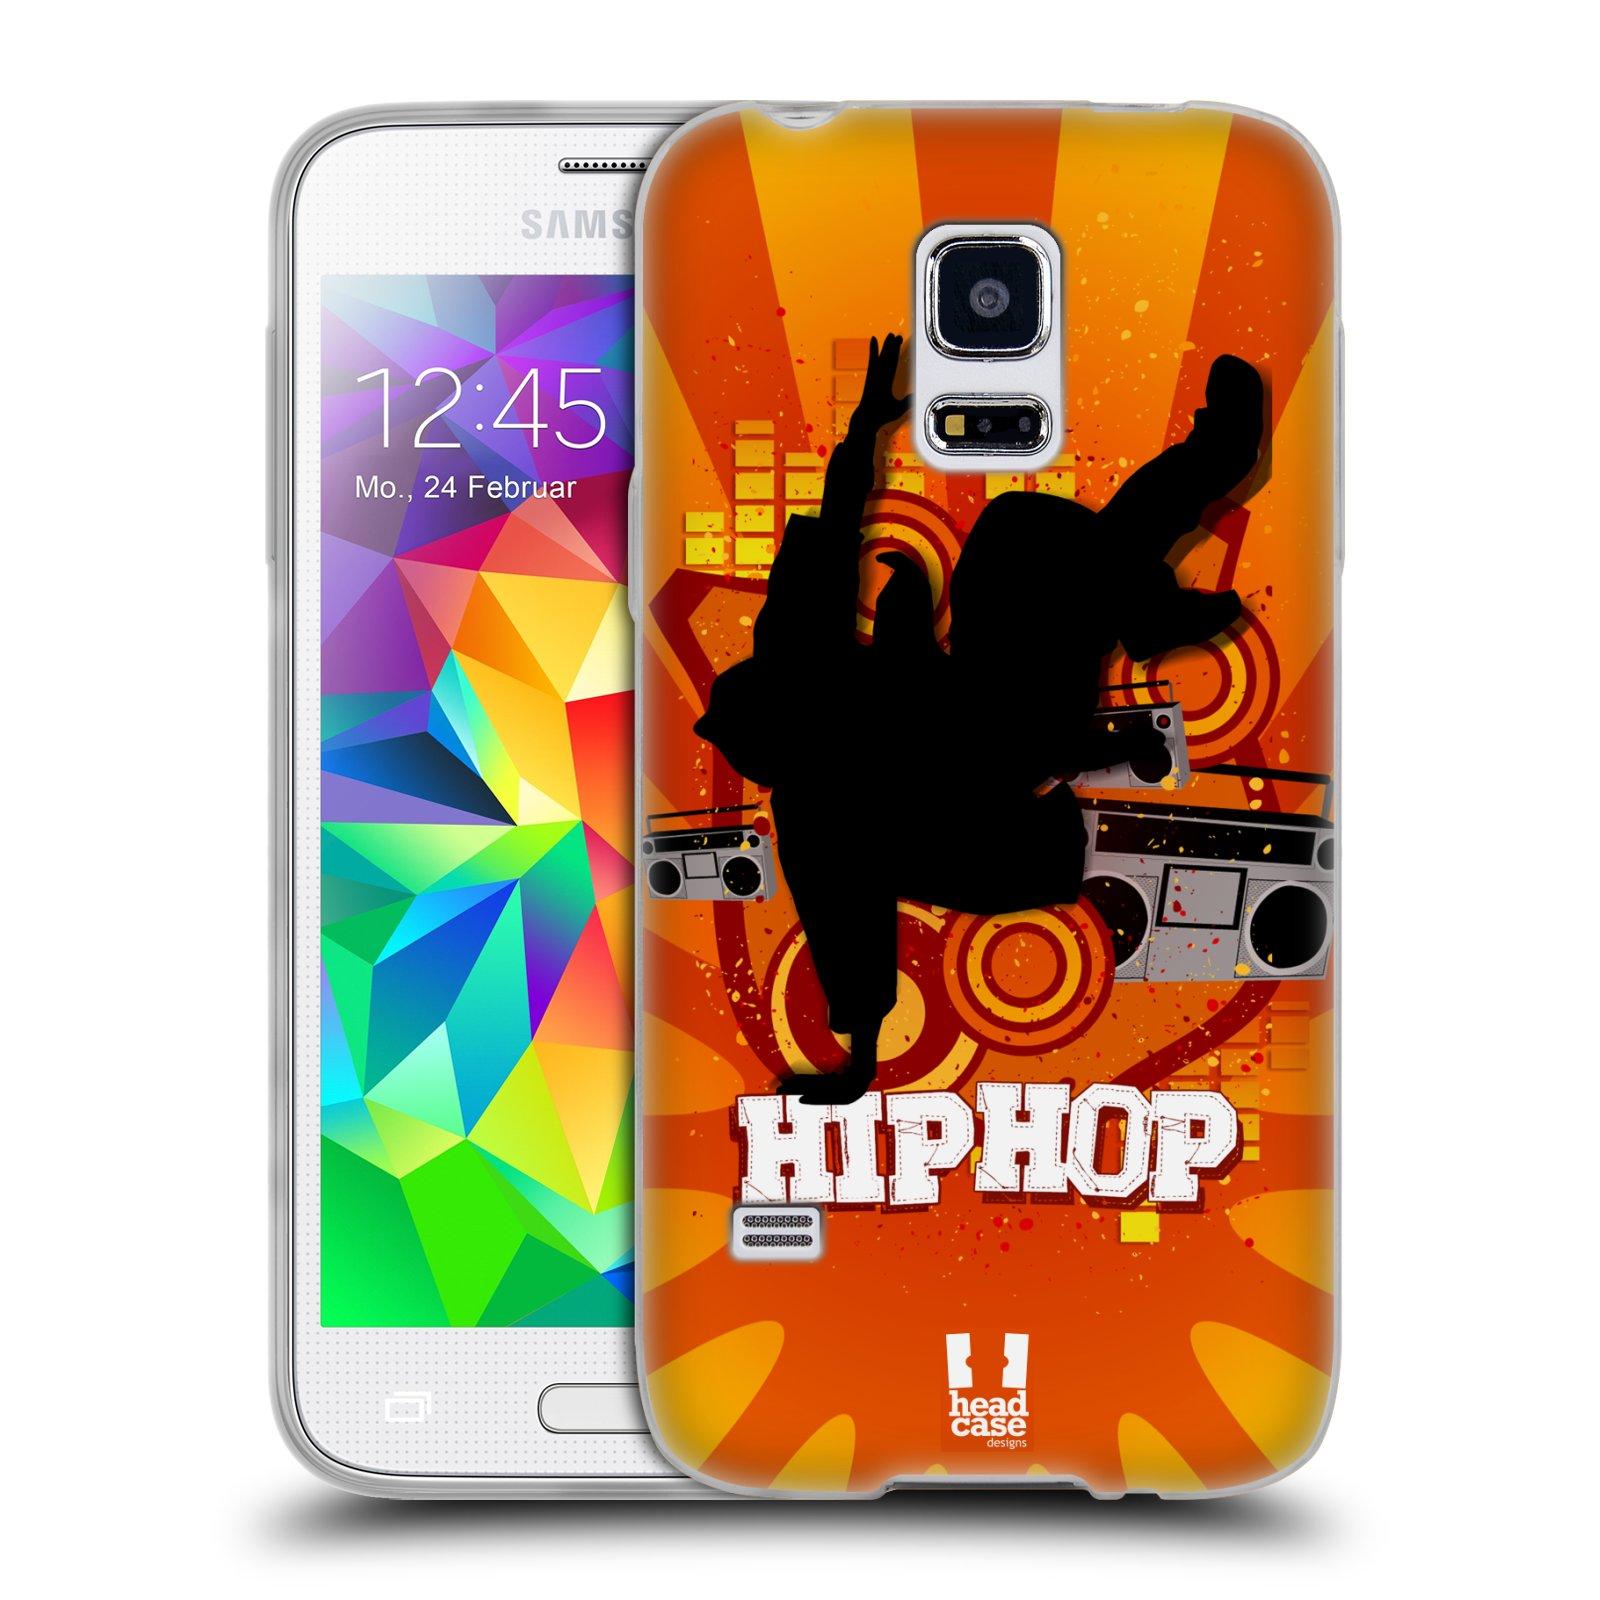 HEAD CASE silikonový obal na mobil Samsung Galaxy S5 MINI vzor TANEC SILUETA HIP HOP